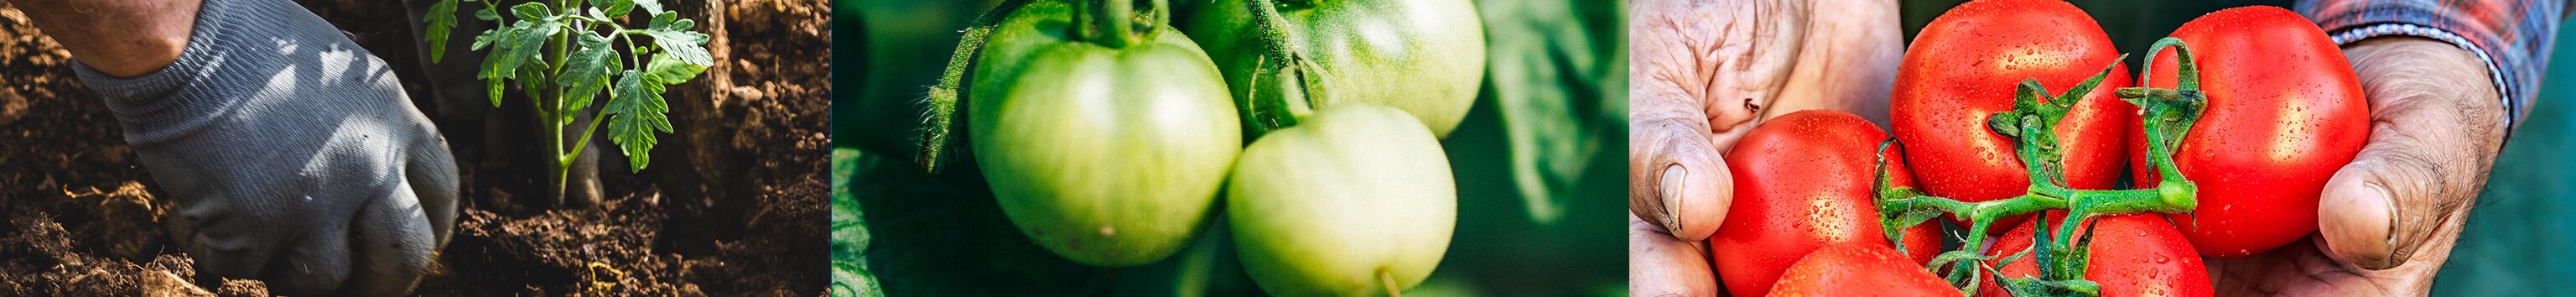 Fruits et légumes bio de saison